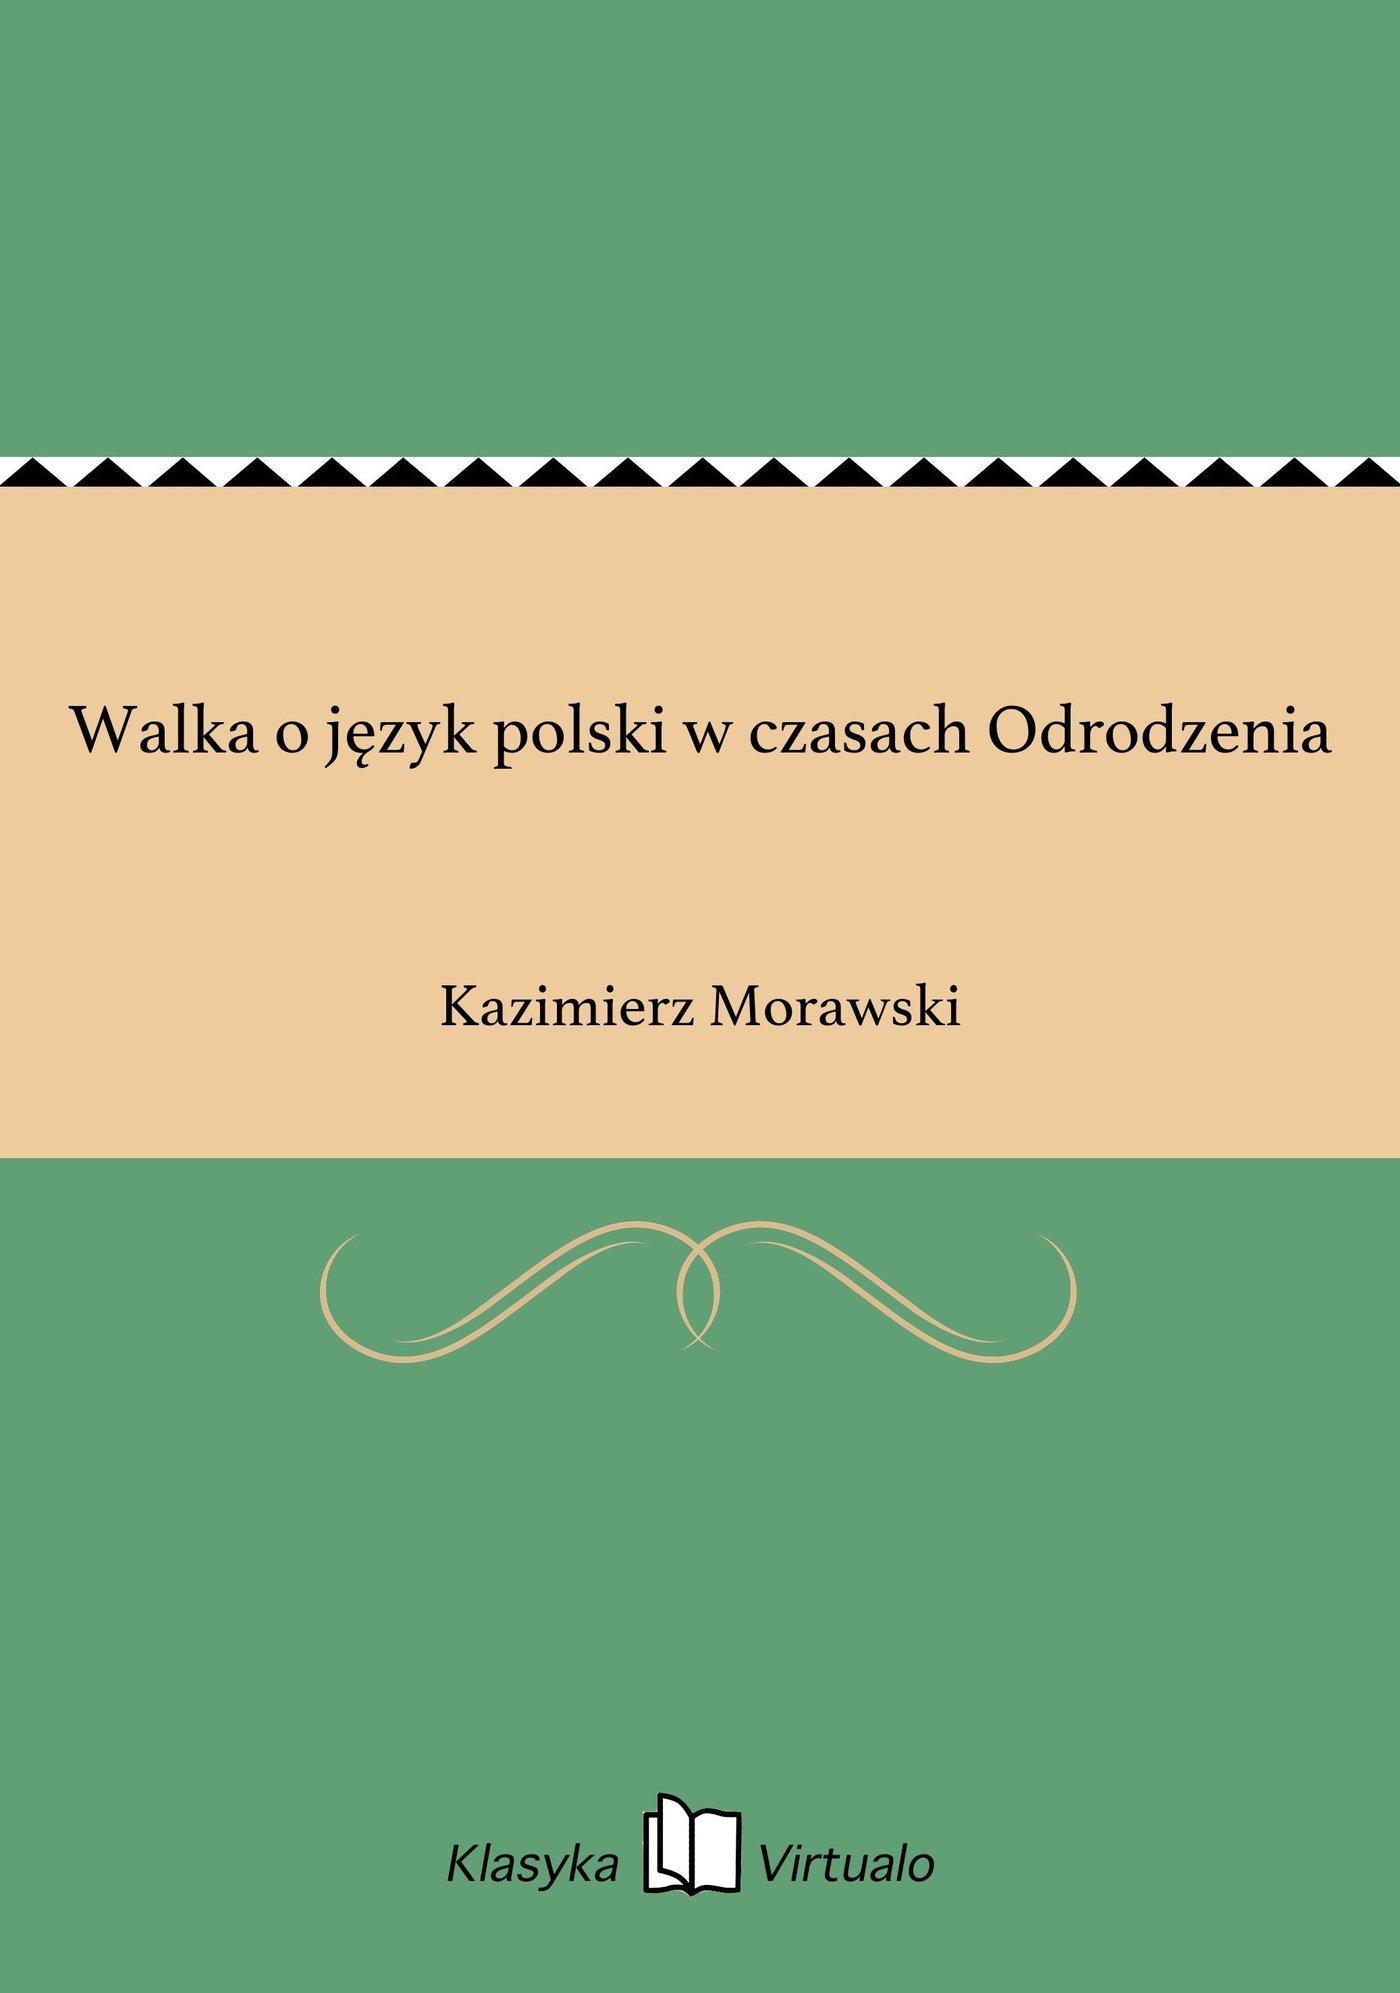 Walka o język polski w czasach Odrodzenia - Ebook (Książka EPUB) do pobrania w formacie EPUB